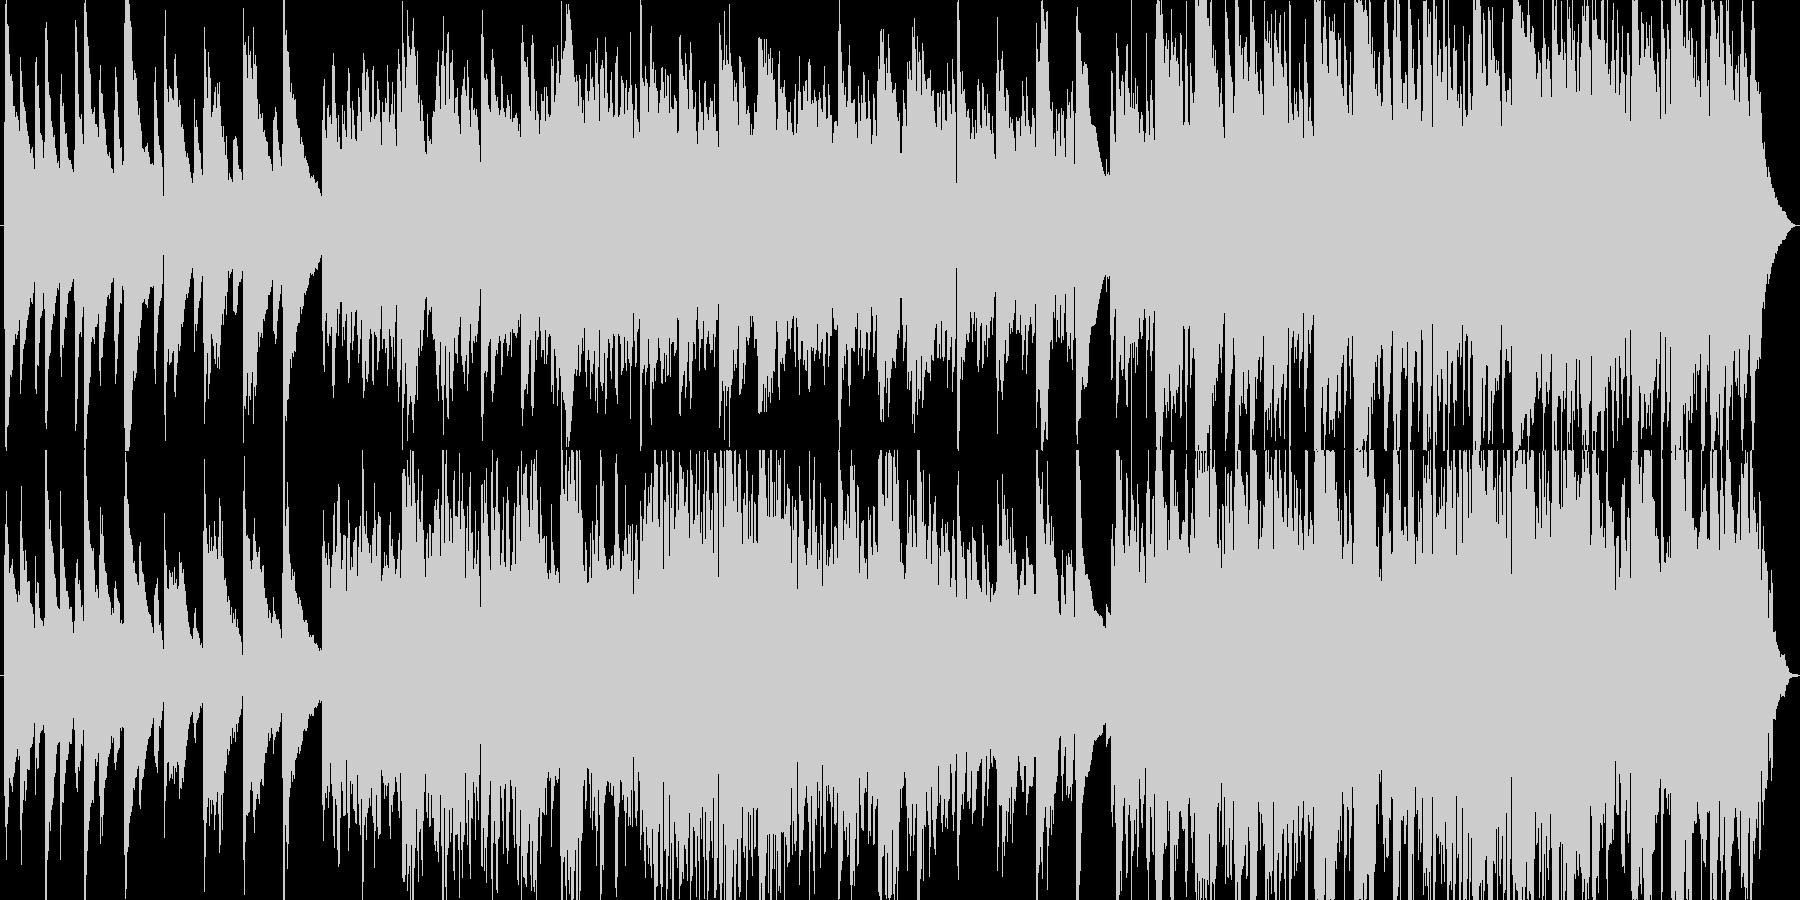 綺麗なヒーリングピアノ曲の未再生の波形